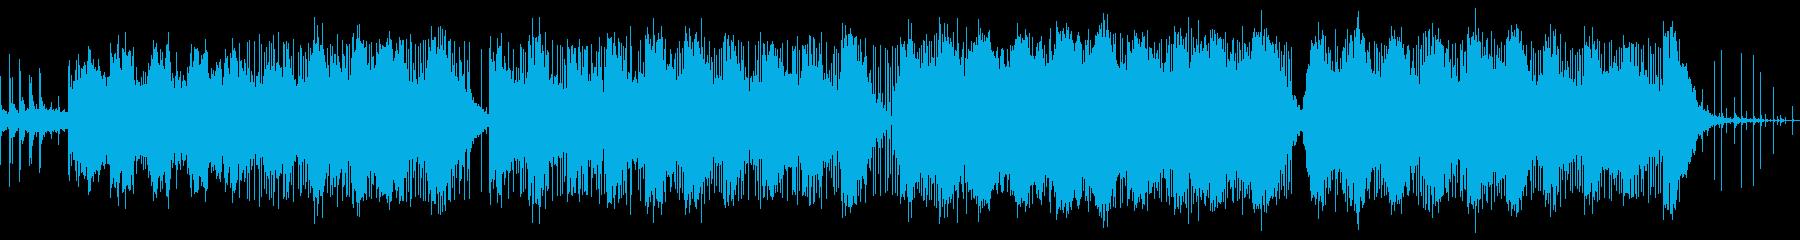 動画 サスペンス 説明的 お洒落 ...の再生済みの波形